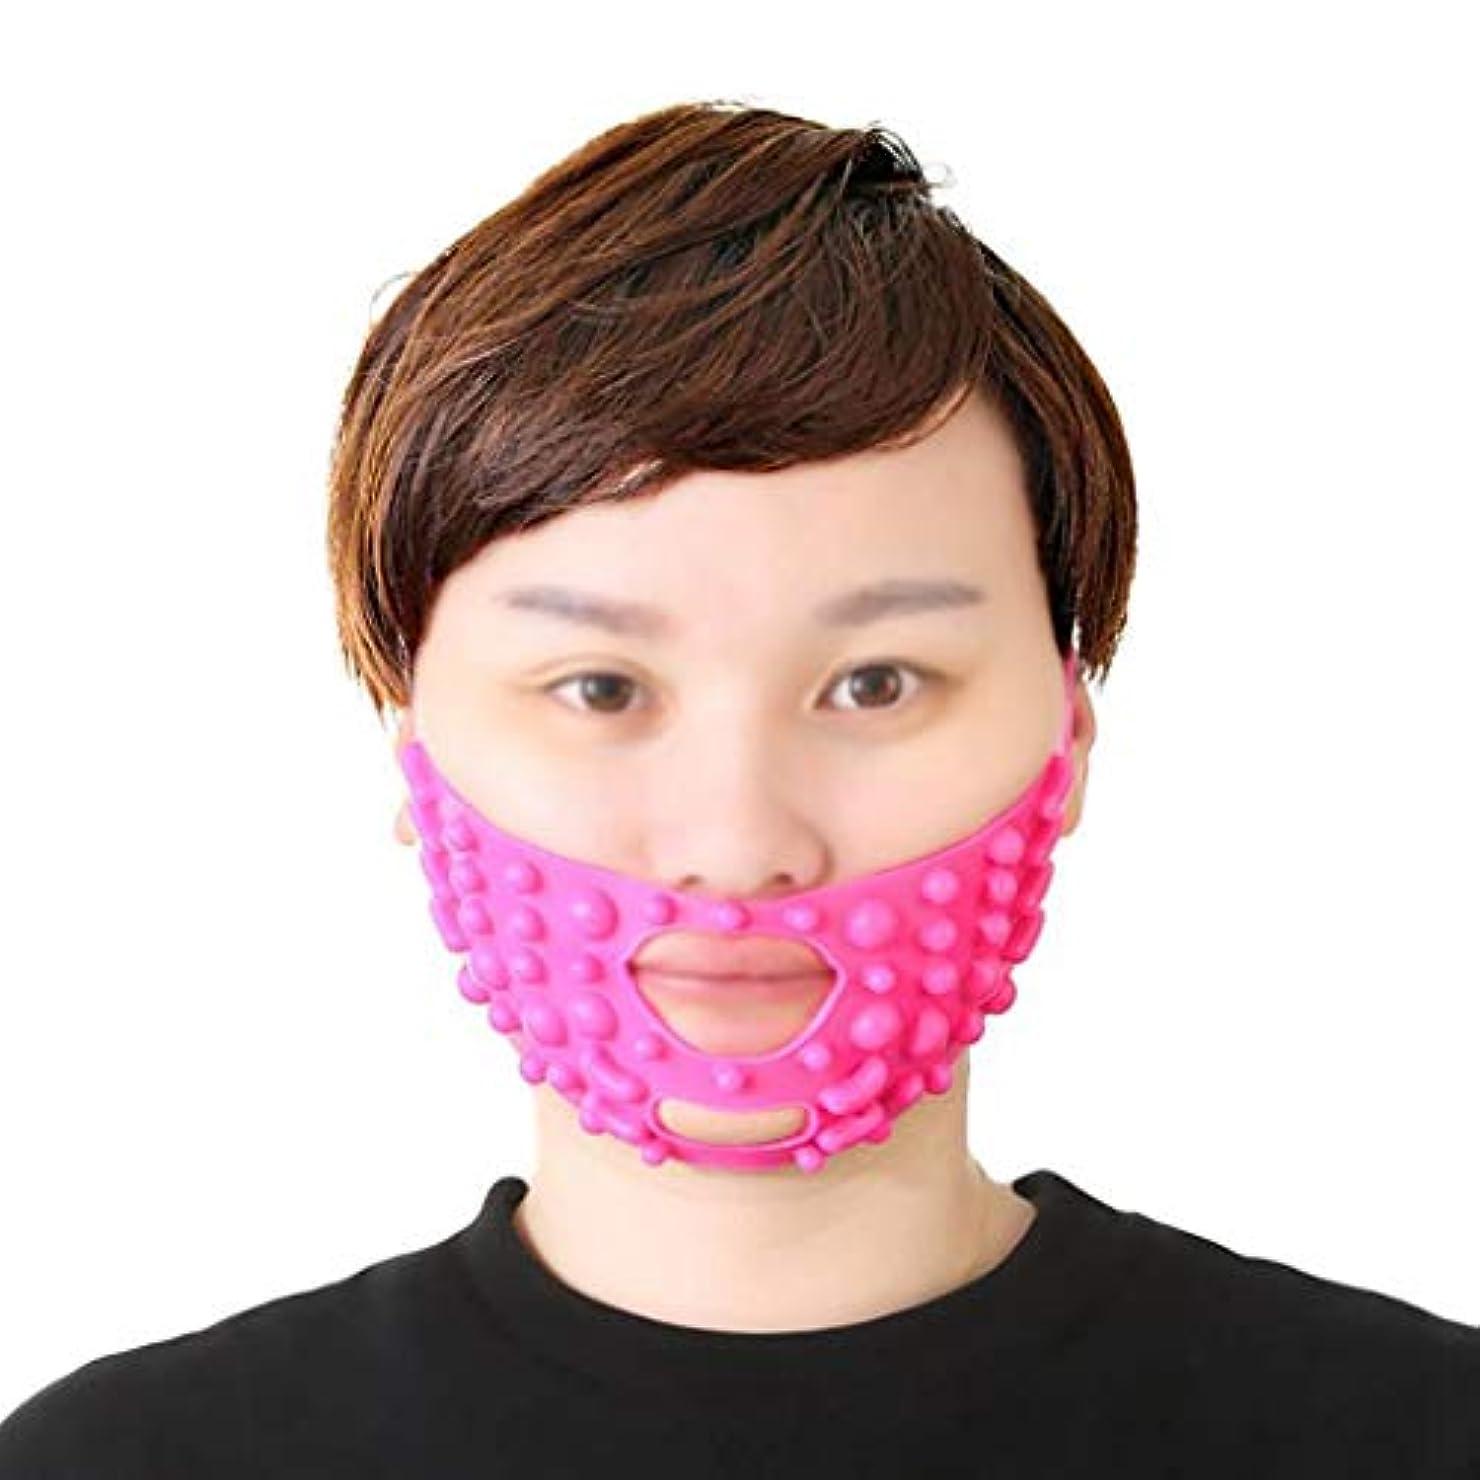 電気陽性騙す舞い上がるGLJJQMY 顔の持ち上がるマスクのあごのリボンのシリコーンVのマスクのマスク強力な包帯Vの表面の人工物小さいVの顔の包帯顔および首の持ち上がるピンクのシリコーンの包帯 顔用整形マスク